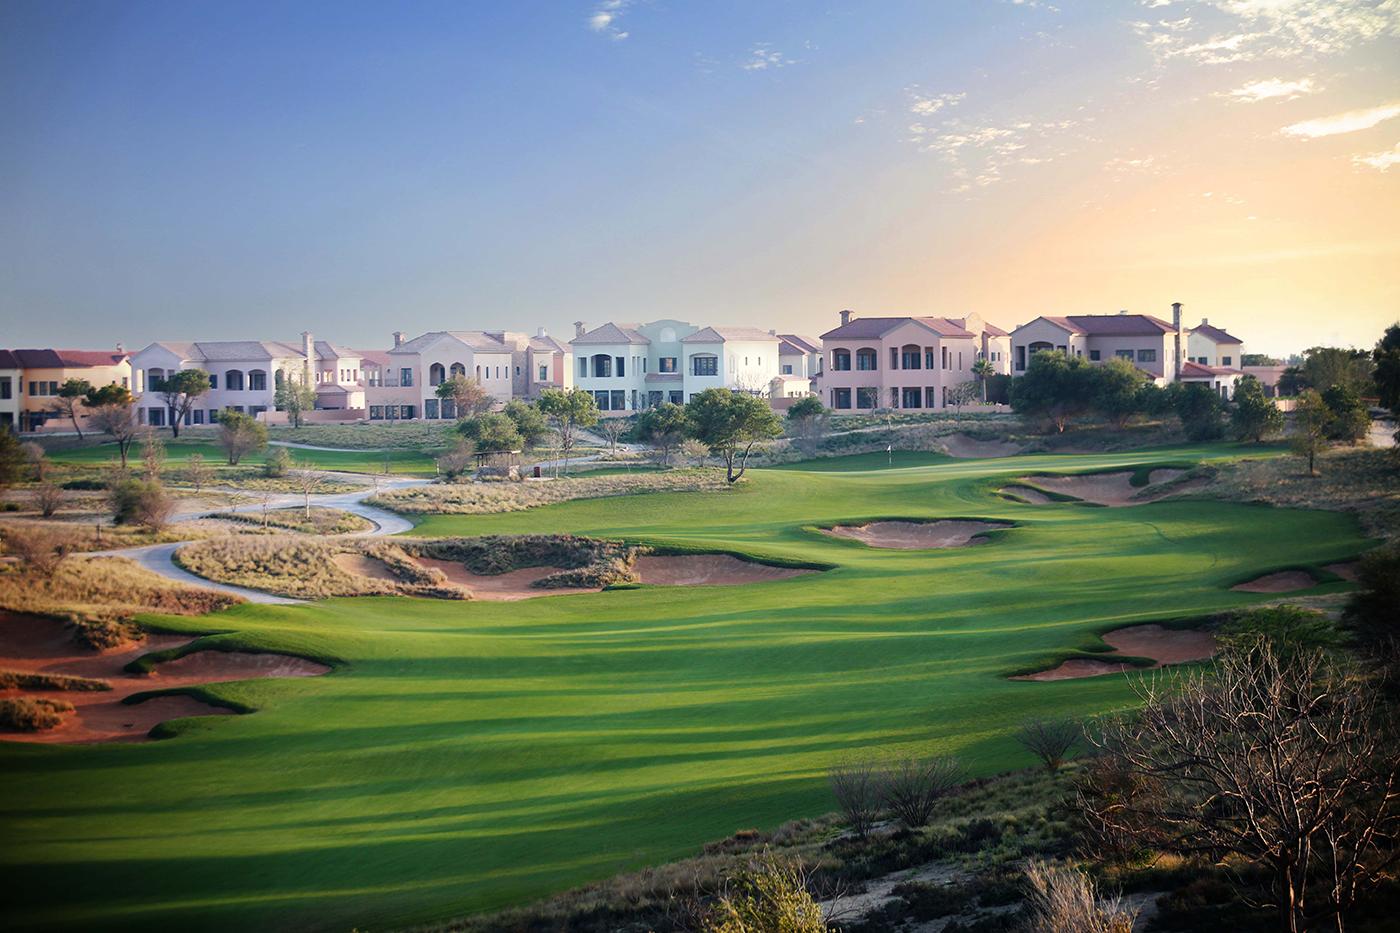 Jumeirah golf estates fire course no 6